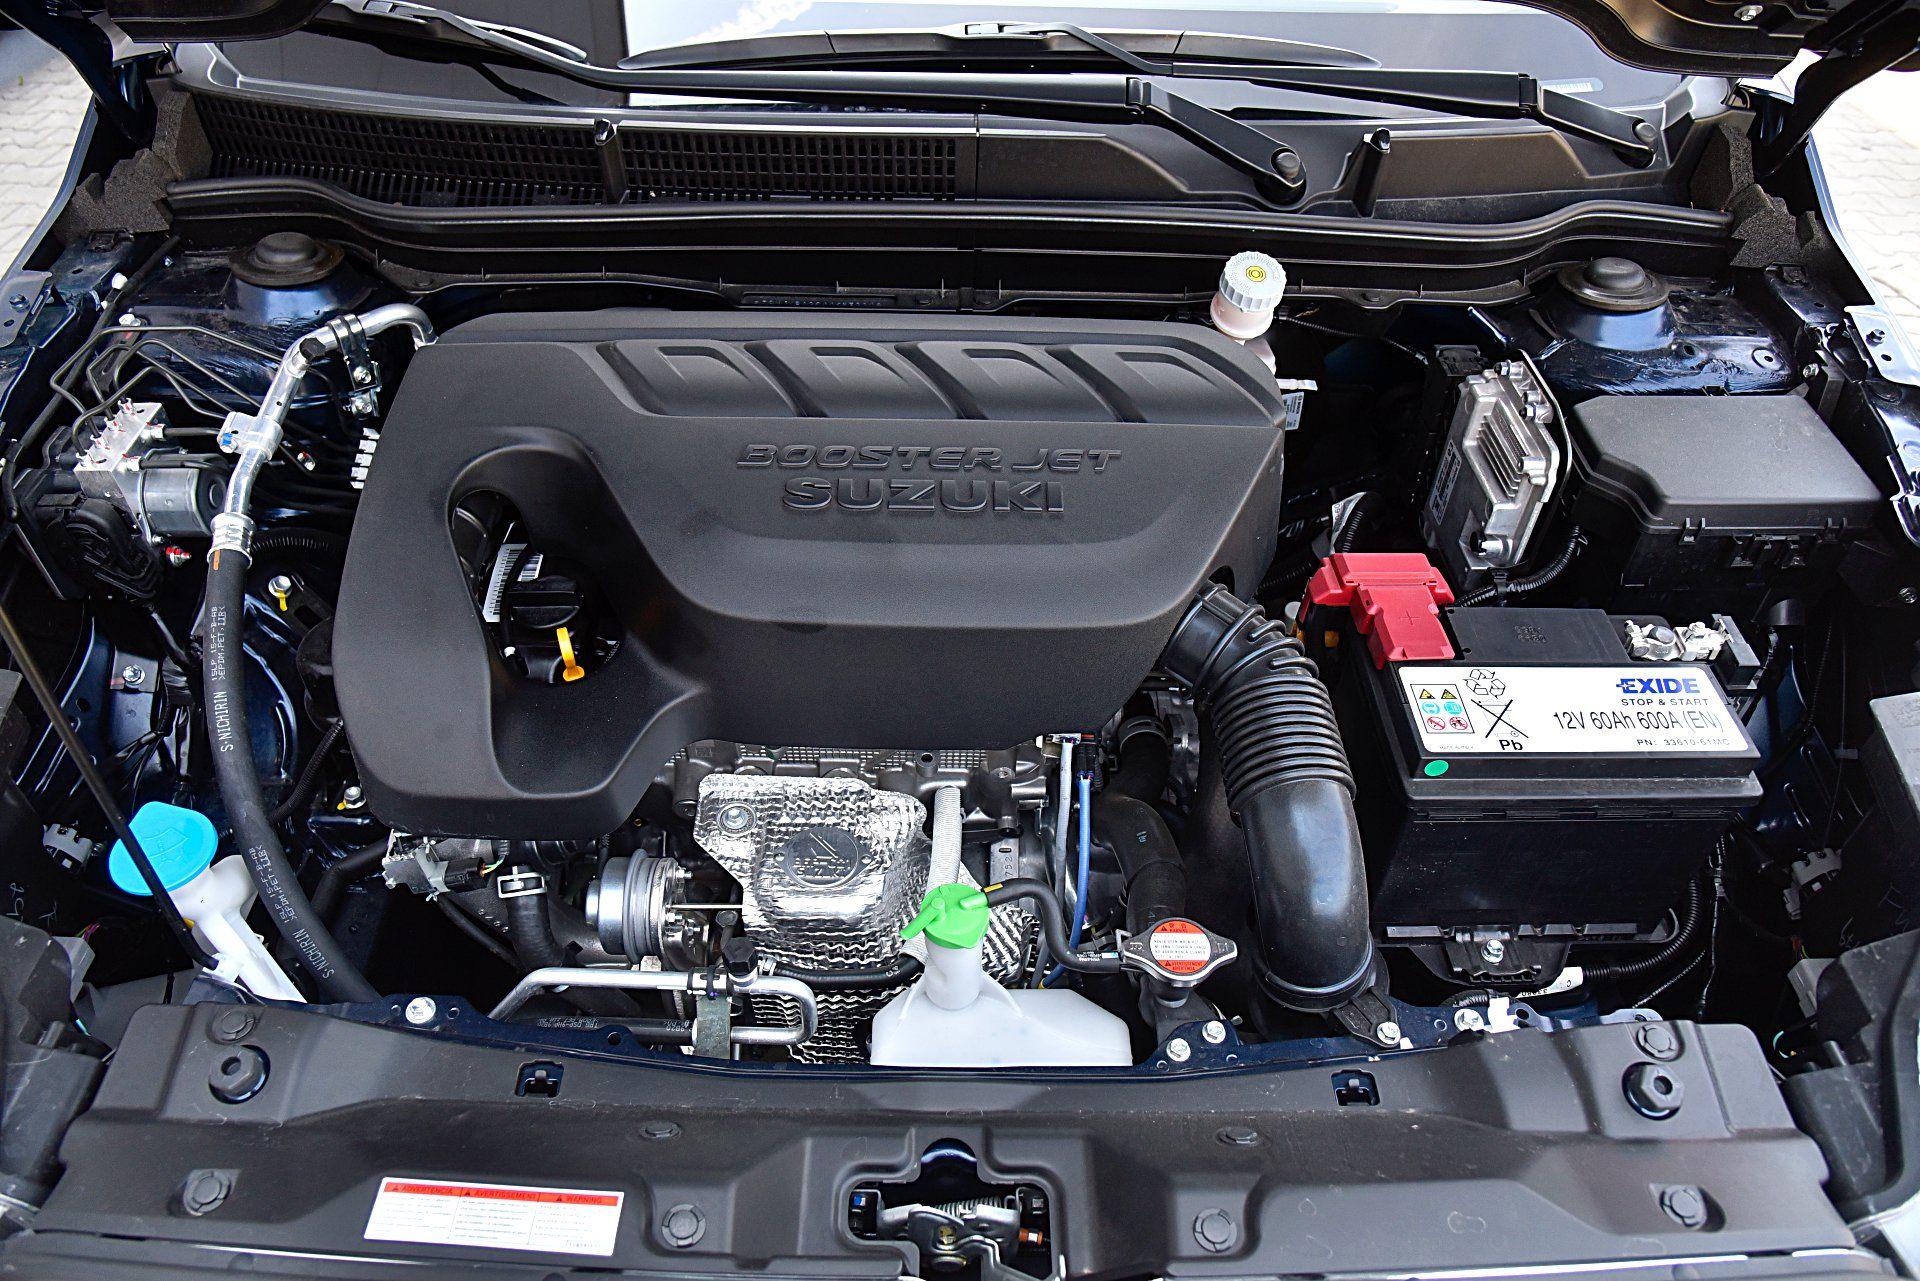 SUZUKI SX4 S-Cross silnik